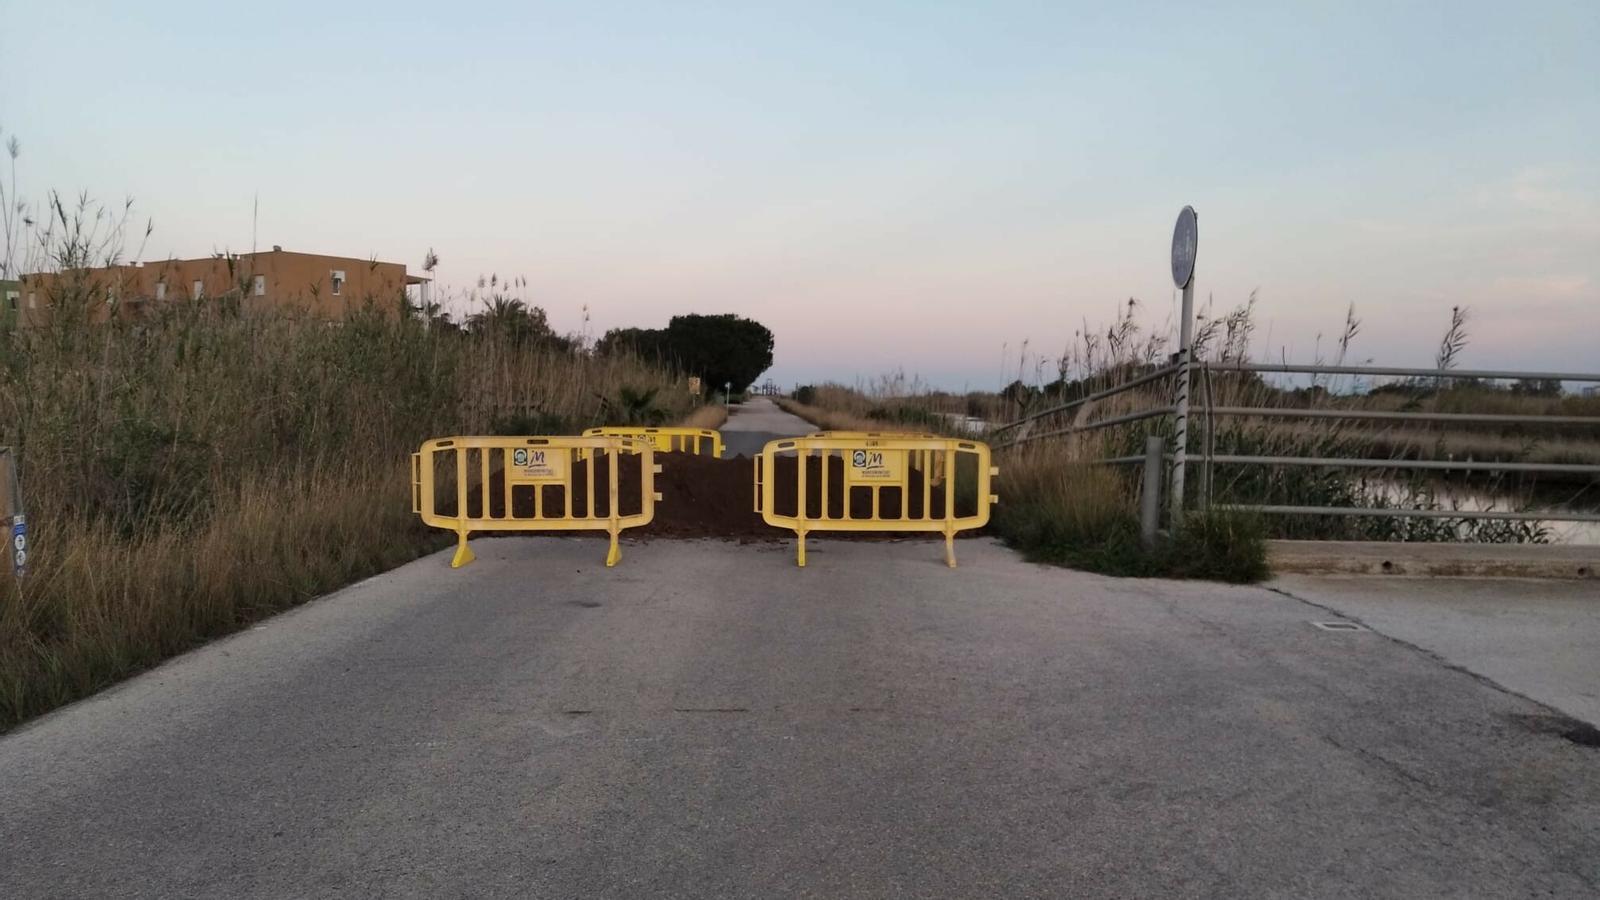 Un mur de terra a un camí secundari per evitar l'accés a les zones de platja i segones residències